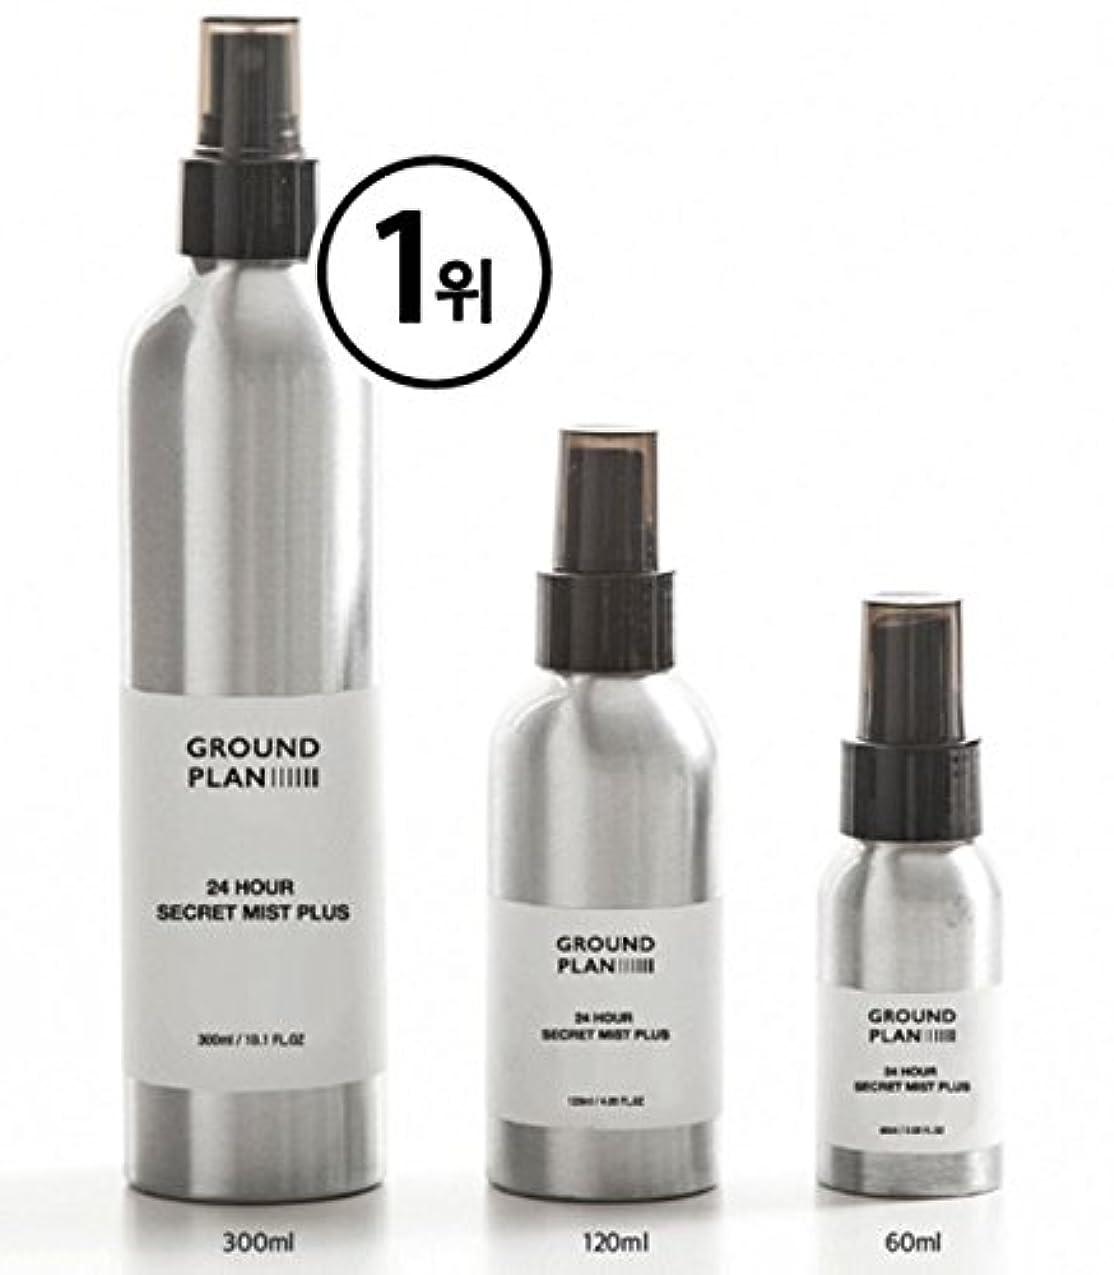 不注意独創的グロー[グラウンド?プラン] 24Hour 秘密 スキンミスト Plus (120ml) (300ml) Ground plan 24 Hour Secret Skin Mist Plus [海外直送品] (120ml)